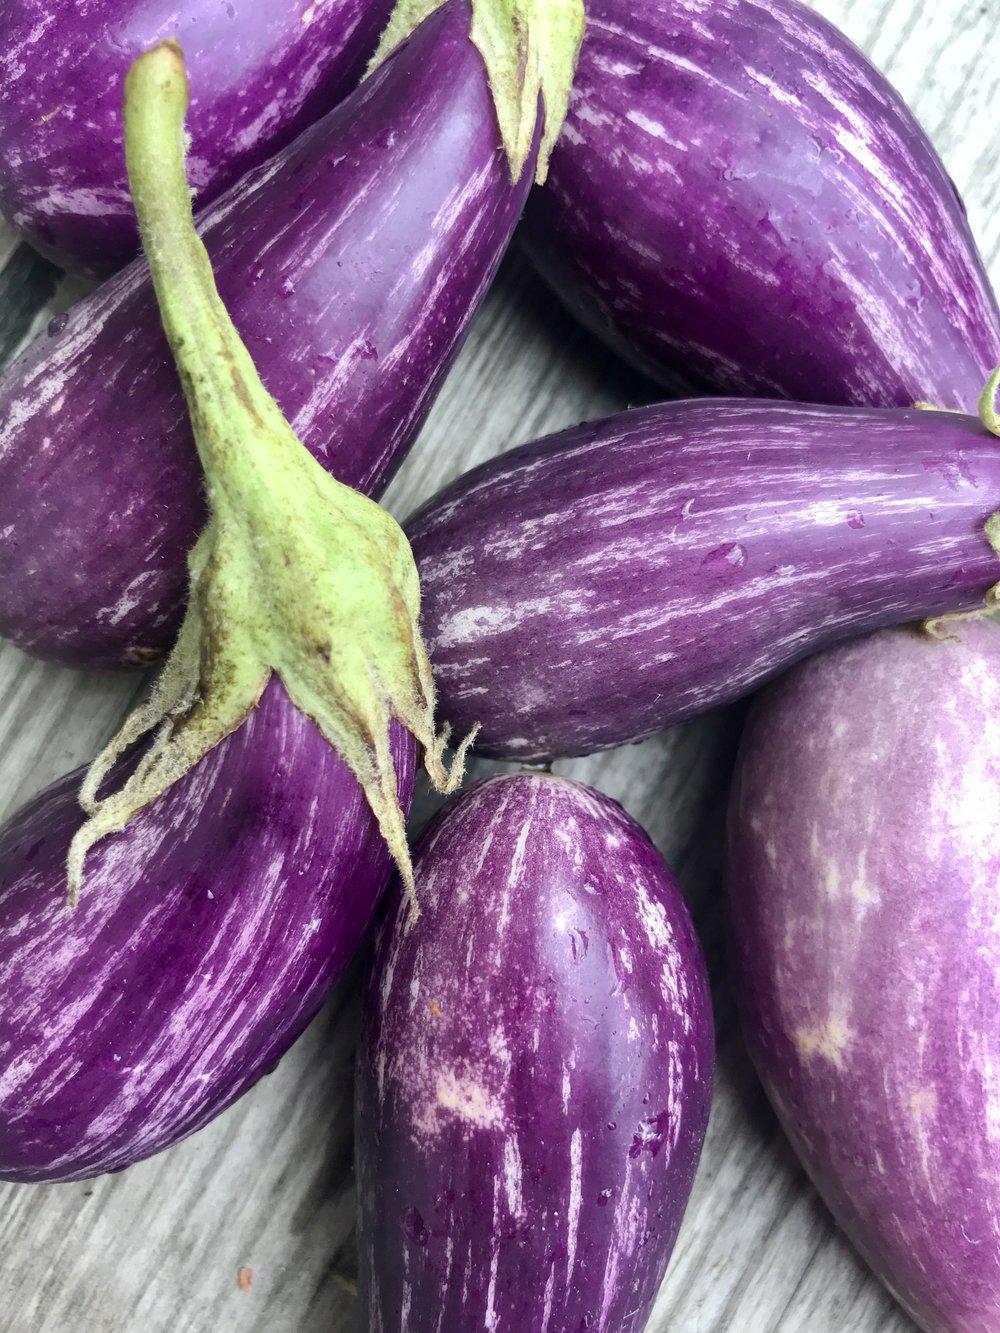 Fairytale Eggplant /  Belle Meadow Farm